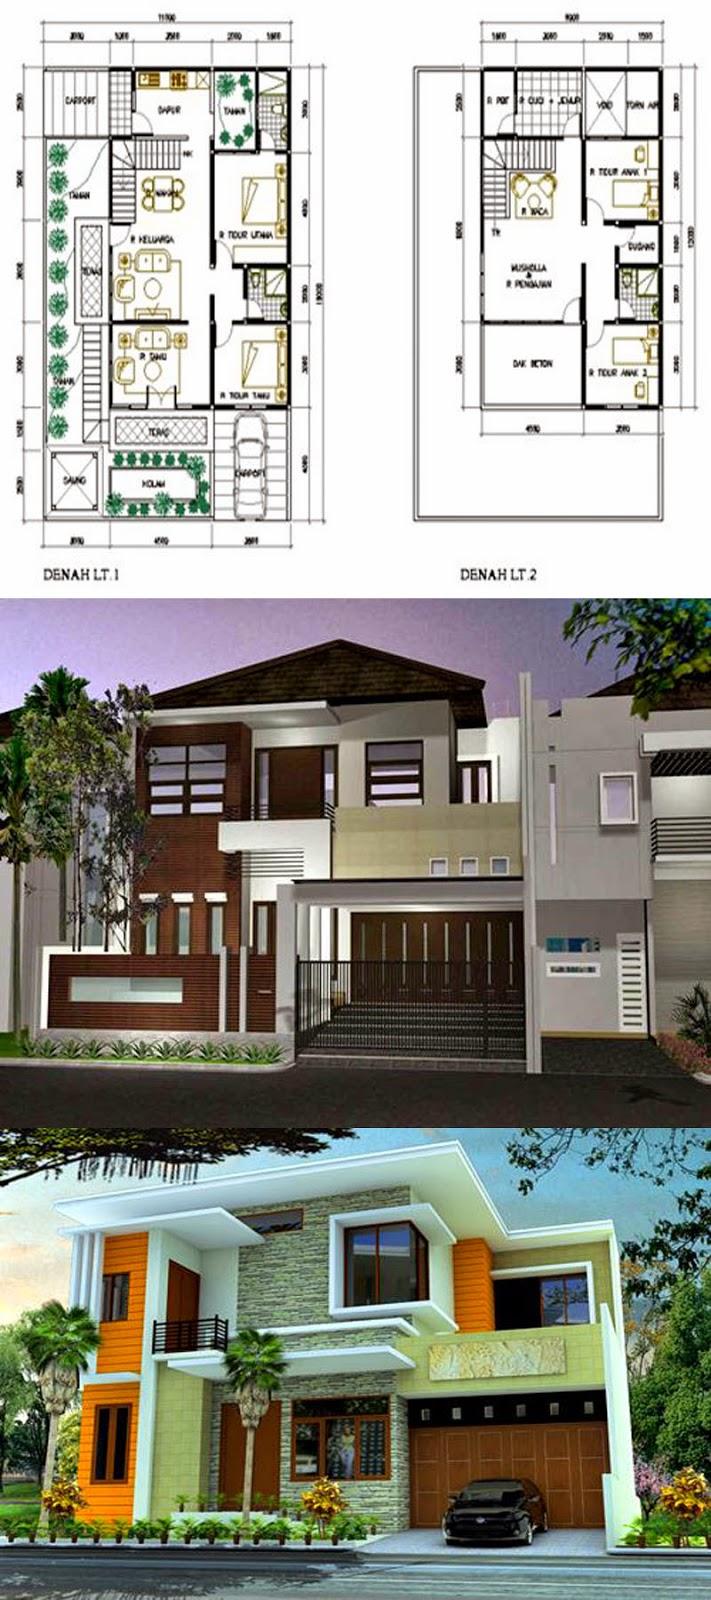 Kumpulan Desain Rumah Minimalis Modern Contoh Desain Denah Dan